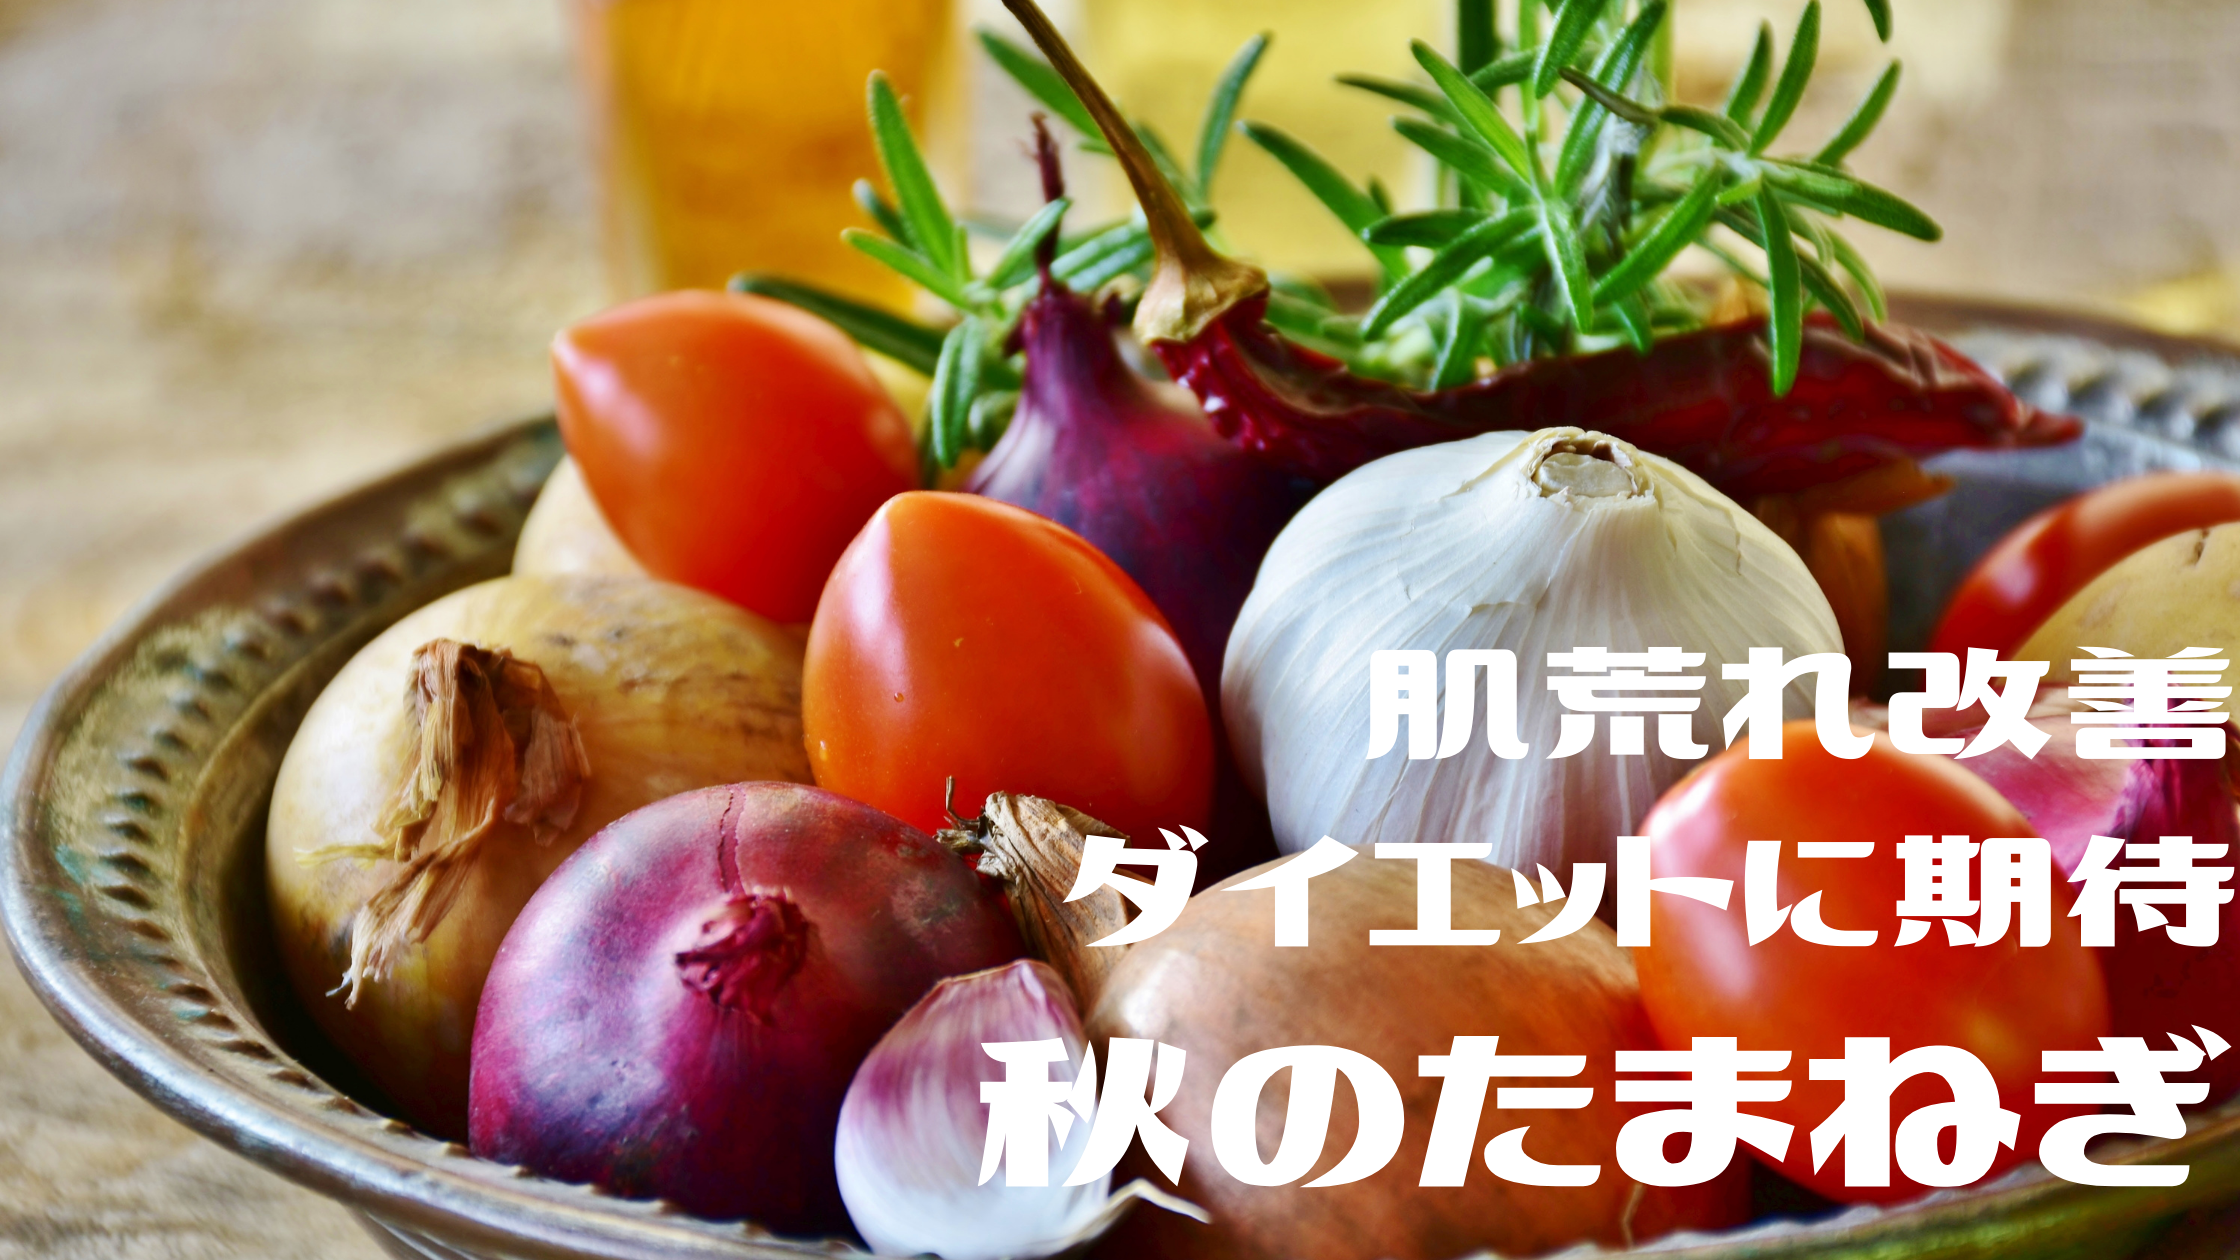 秋のたまねぎで【ダイエット】【美肌】おいしく栄養を効果的にとる食べ方